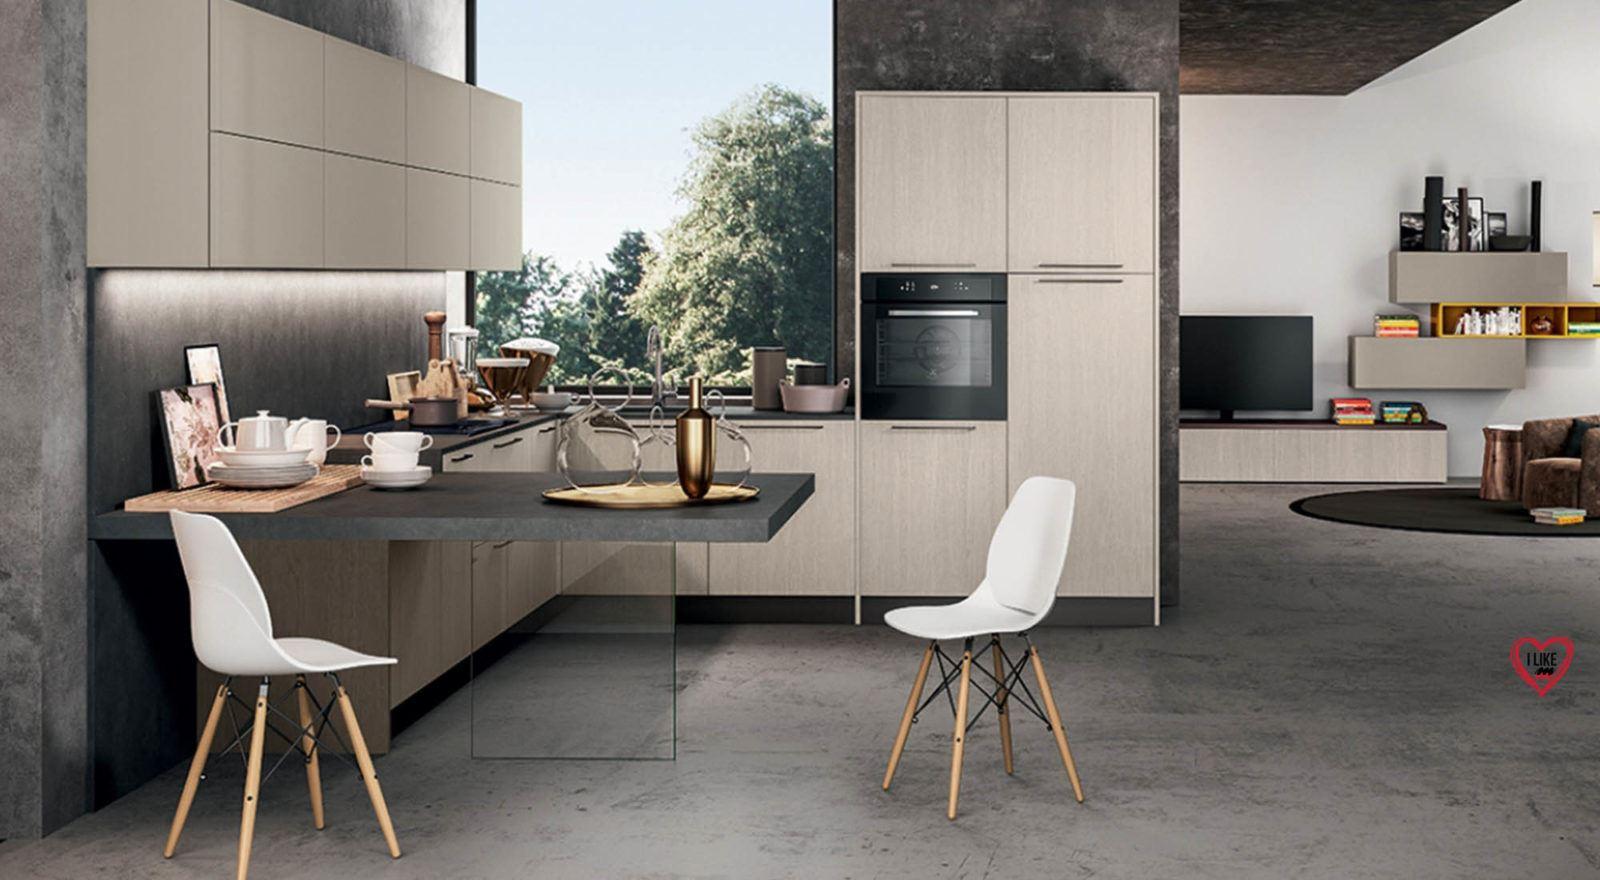 Mobili cucina su misura affordable cucina su misura a roma with mobili cucina su misura - Mobili cucina su misura ...